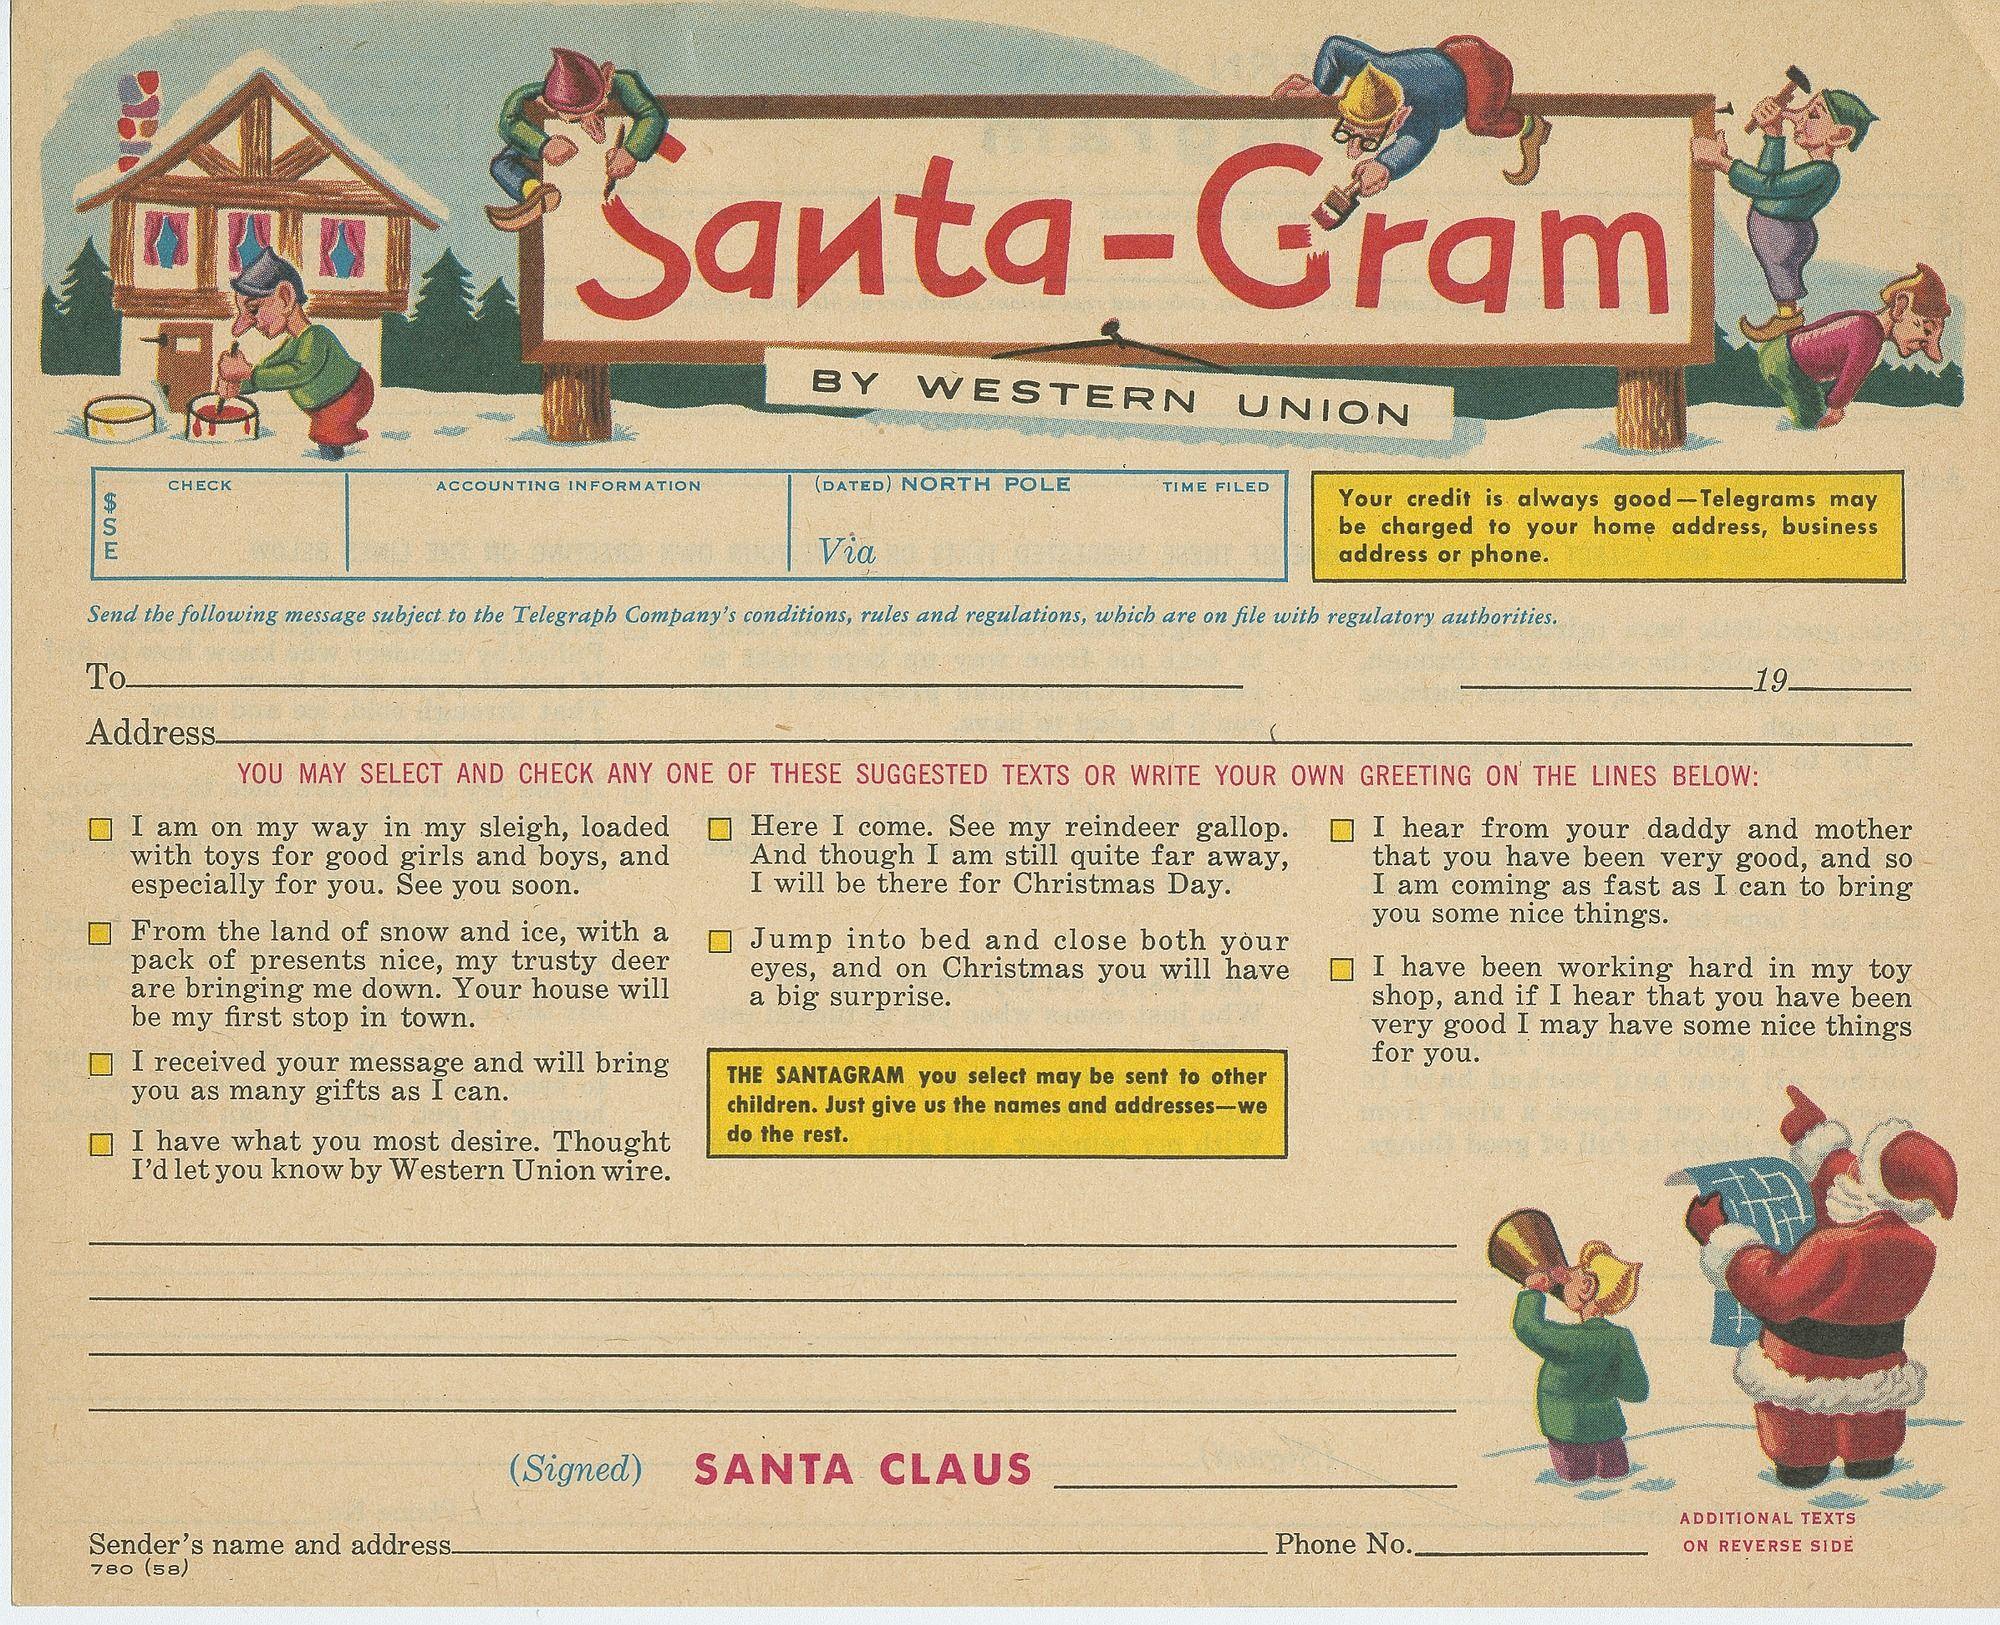 Santa Gram by Western Union